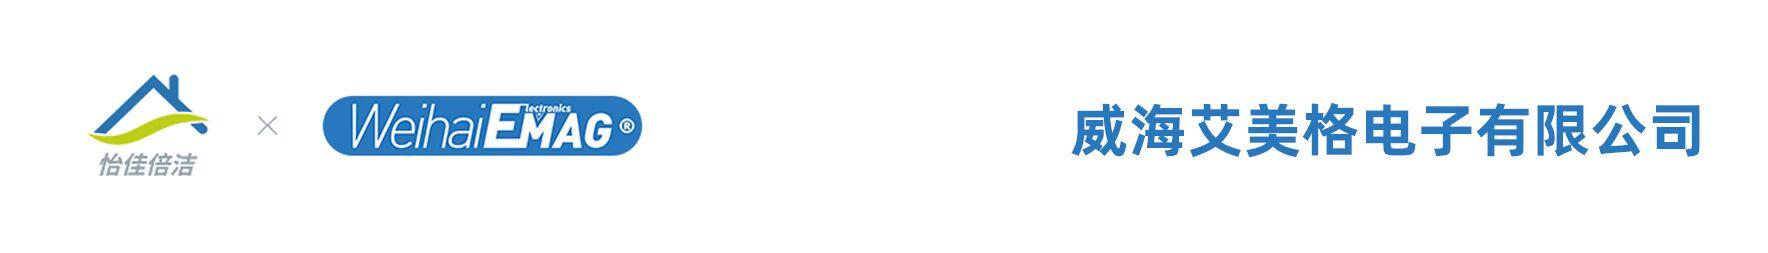 威海艾美格电子有限公司